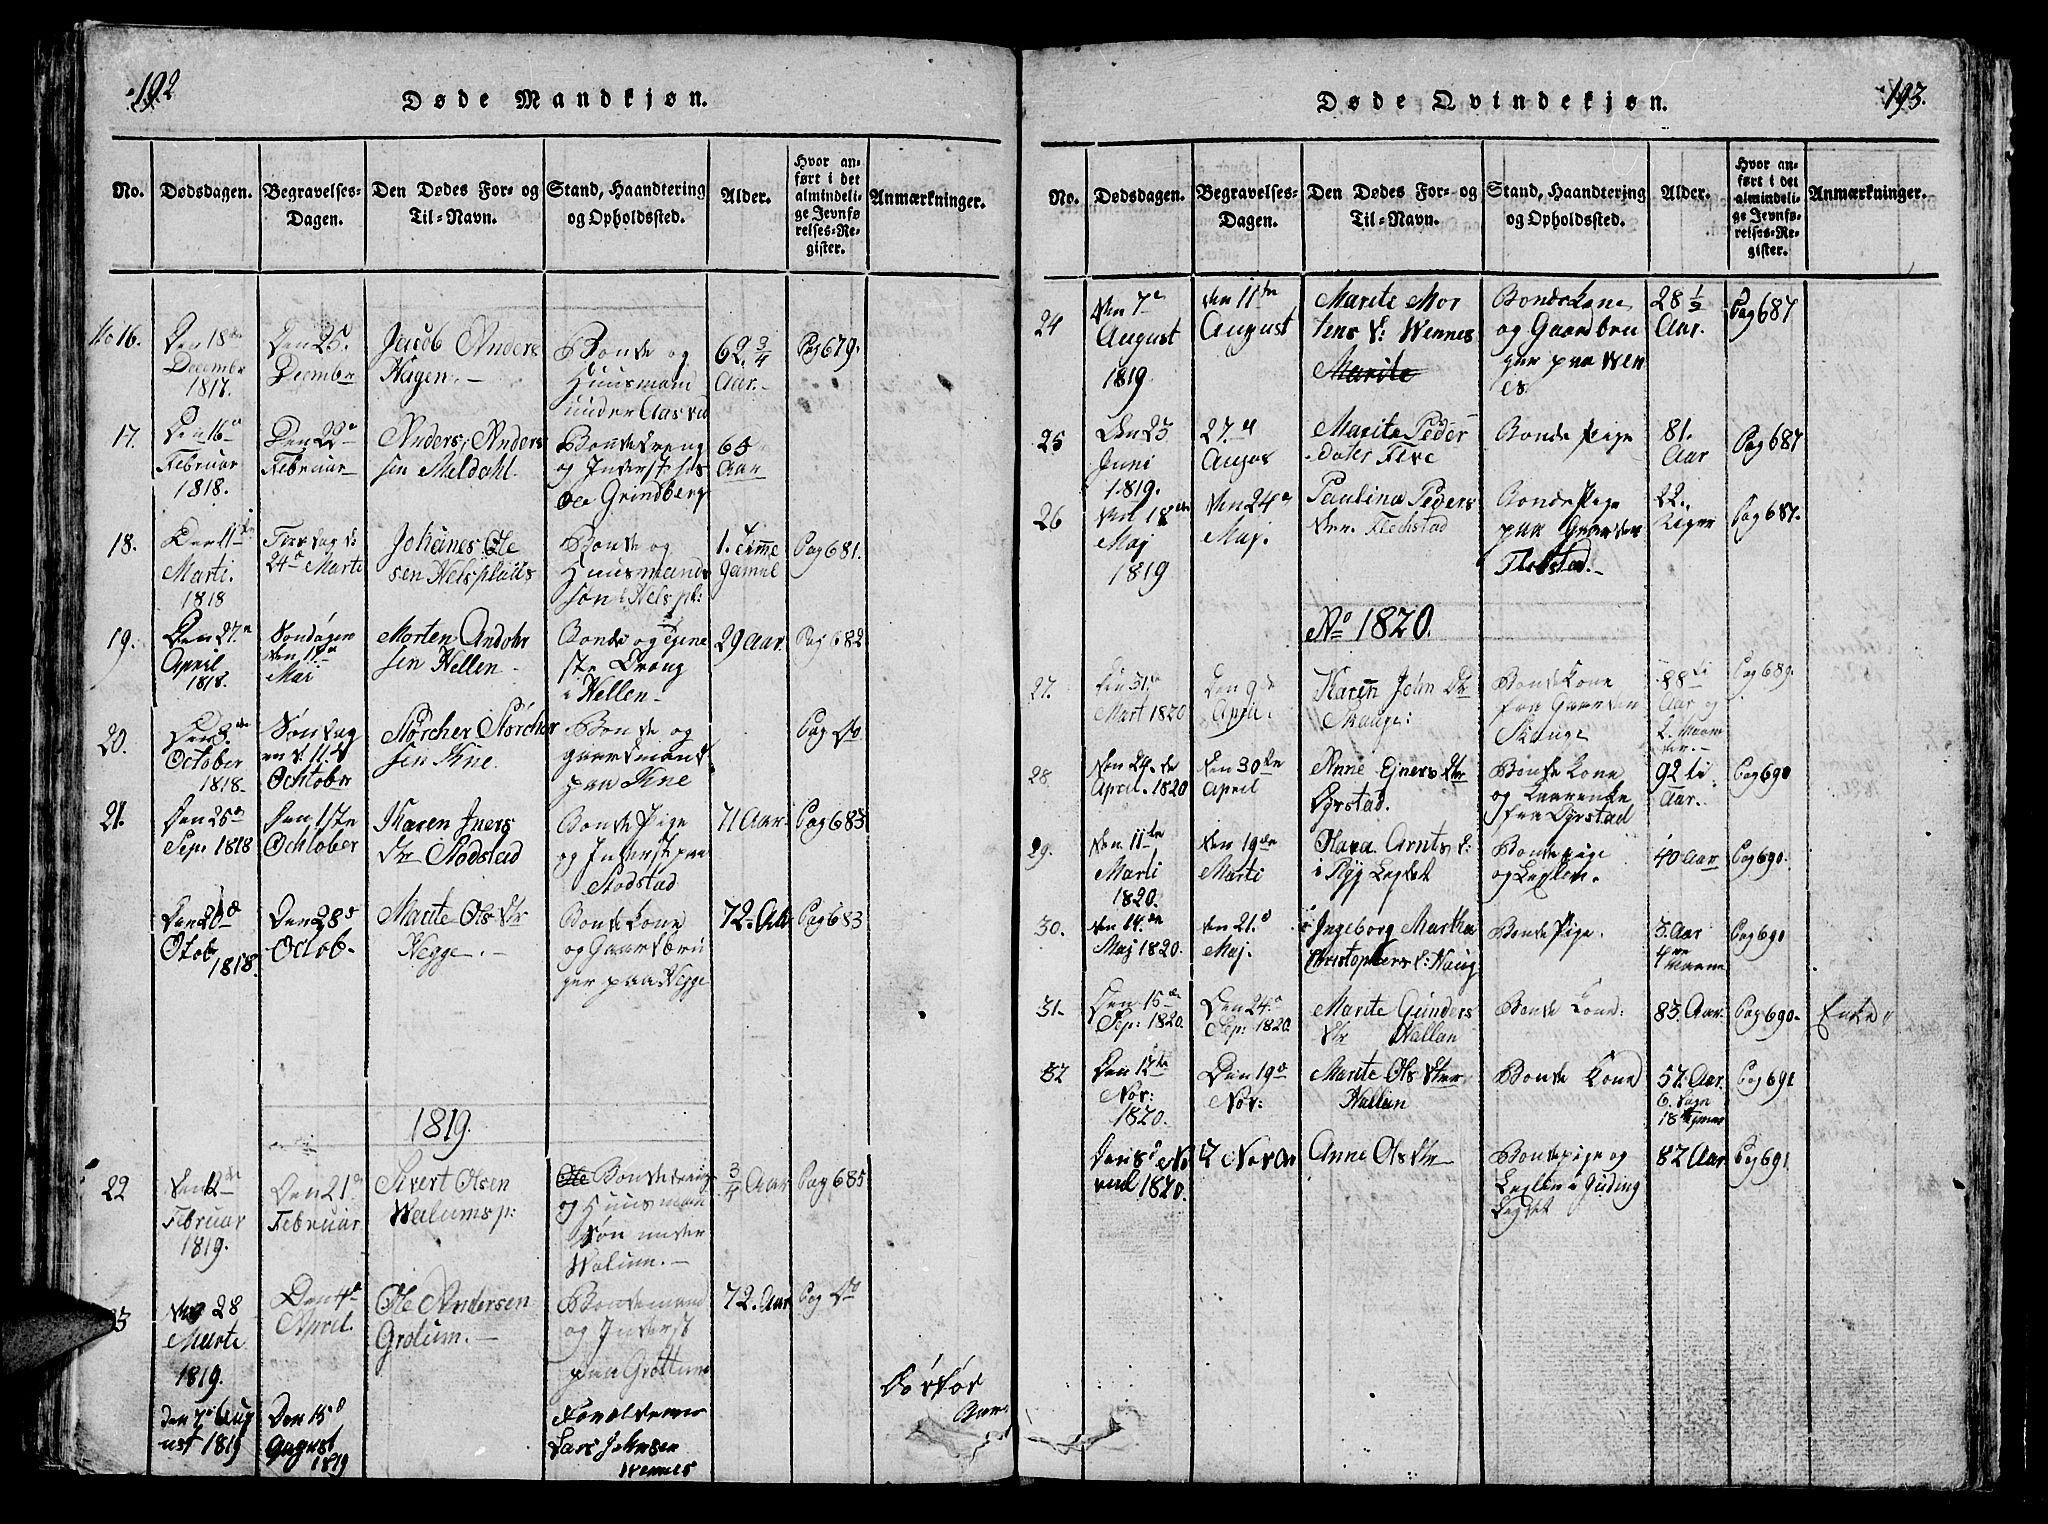 SAT, Ministerialprotokoller, klokkerbøker og fødselsregistre - Nord-Trøndelag, 747/L0459: Klokkerbok nr. 747C01, 1816-1842, s. 192-193